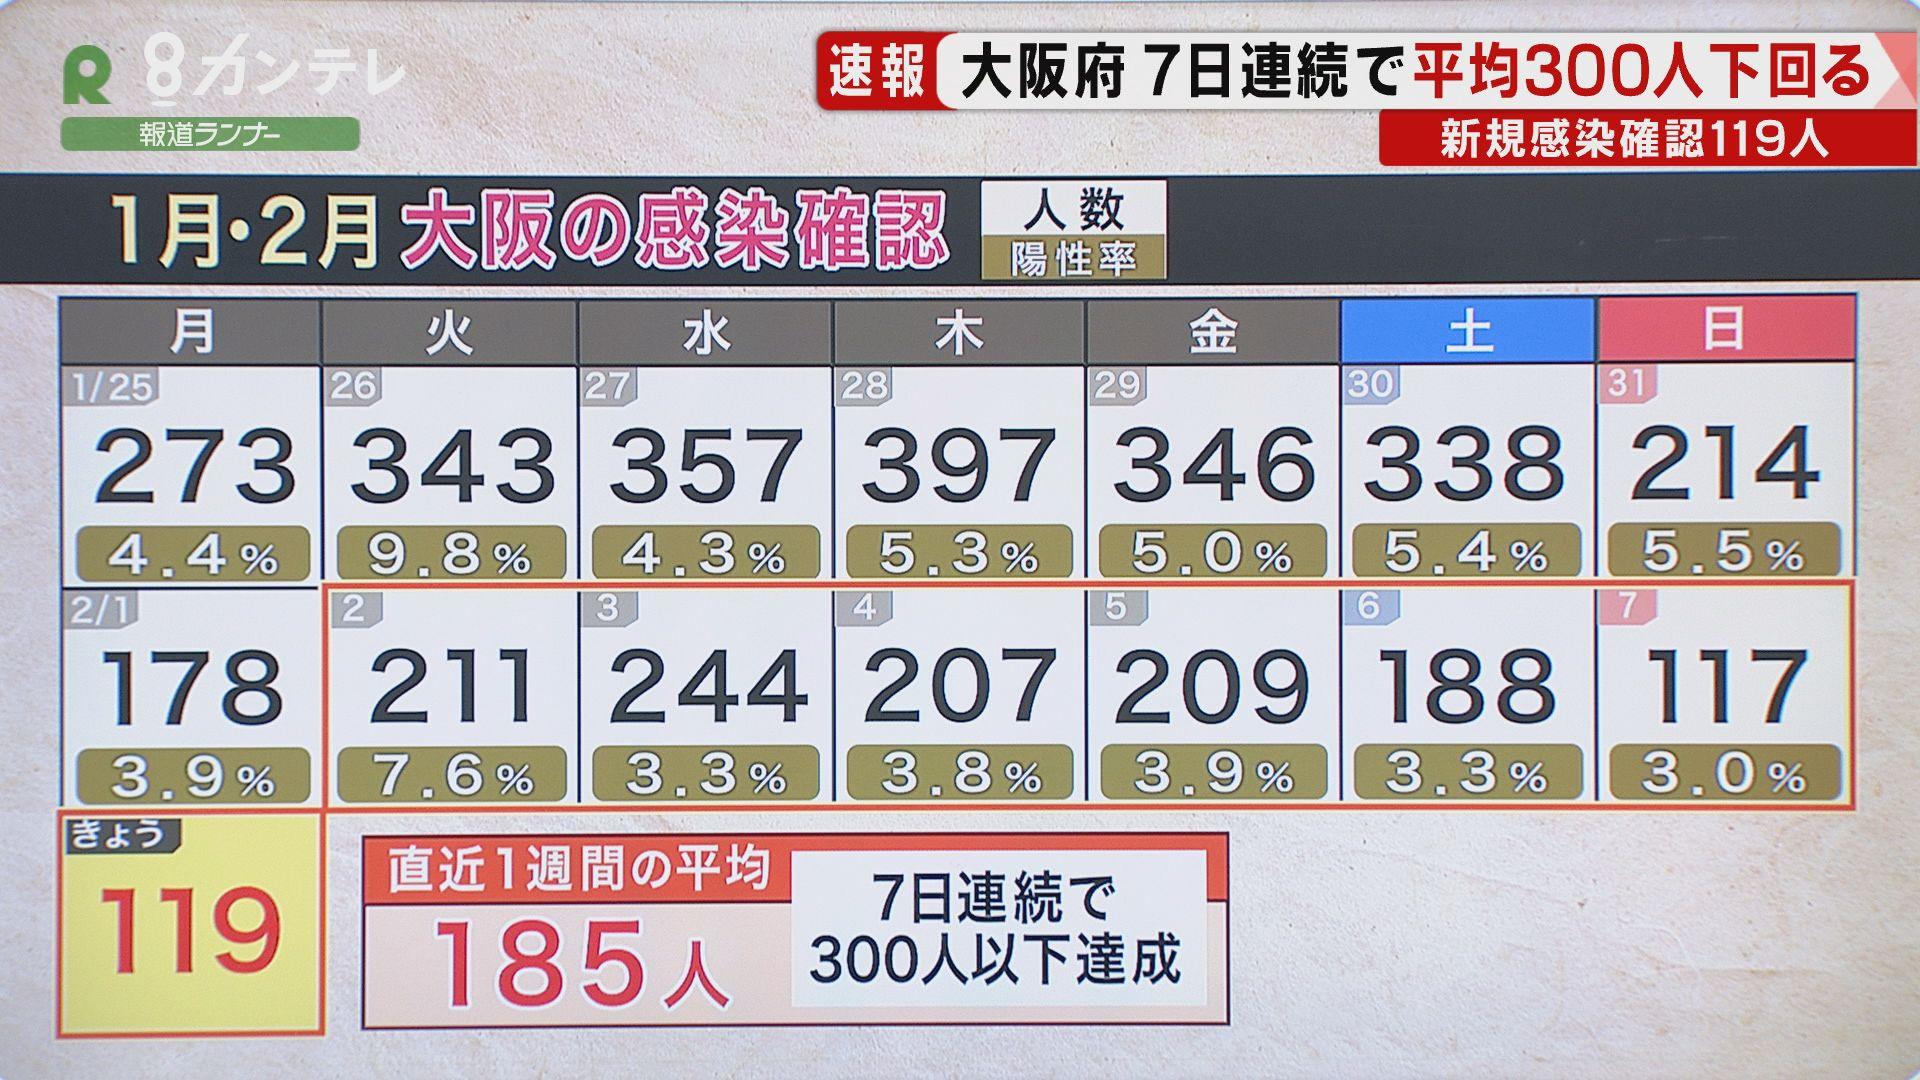 """【速報】大阪で新たに119人の感染確認 『緊急事態宣言』""""解除""""要請基準に 死亡者は計1000人超す"""